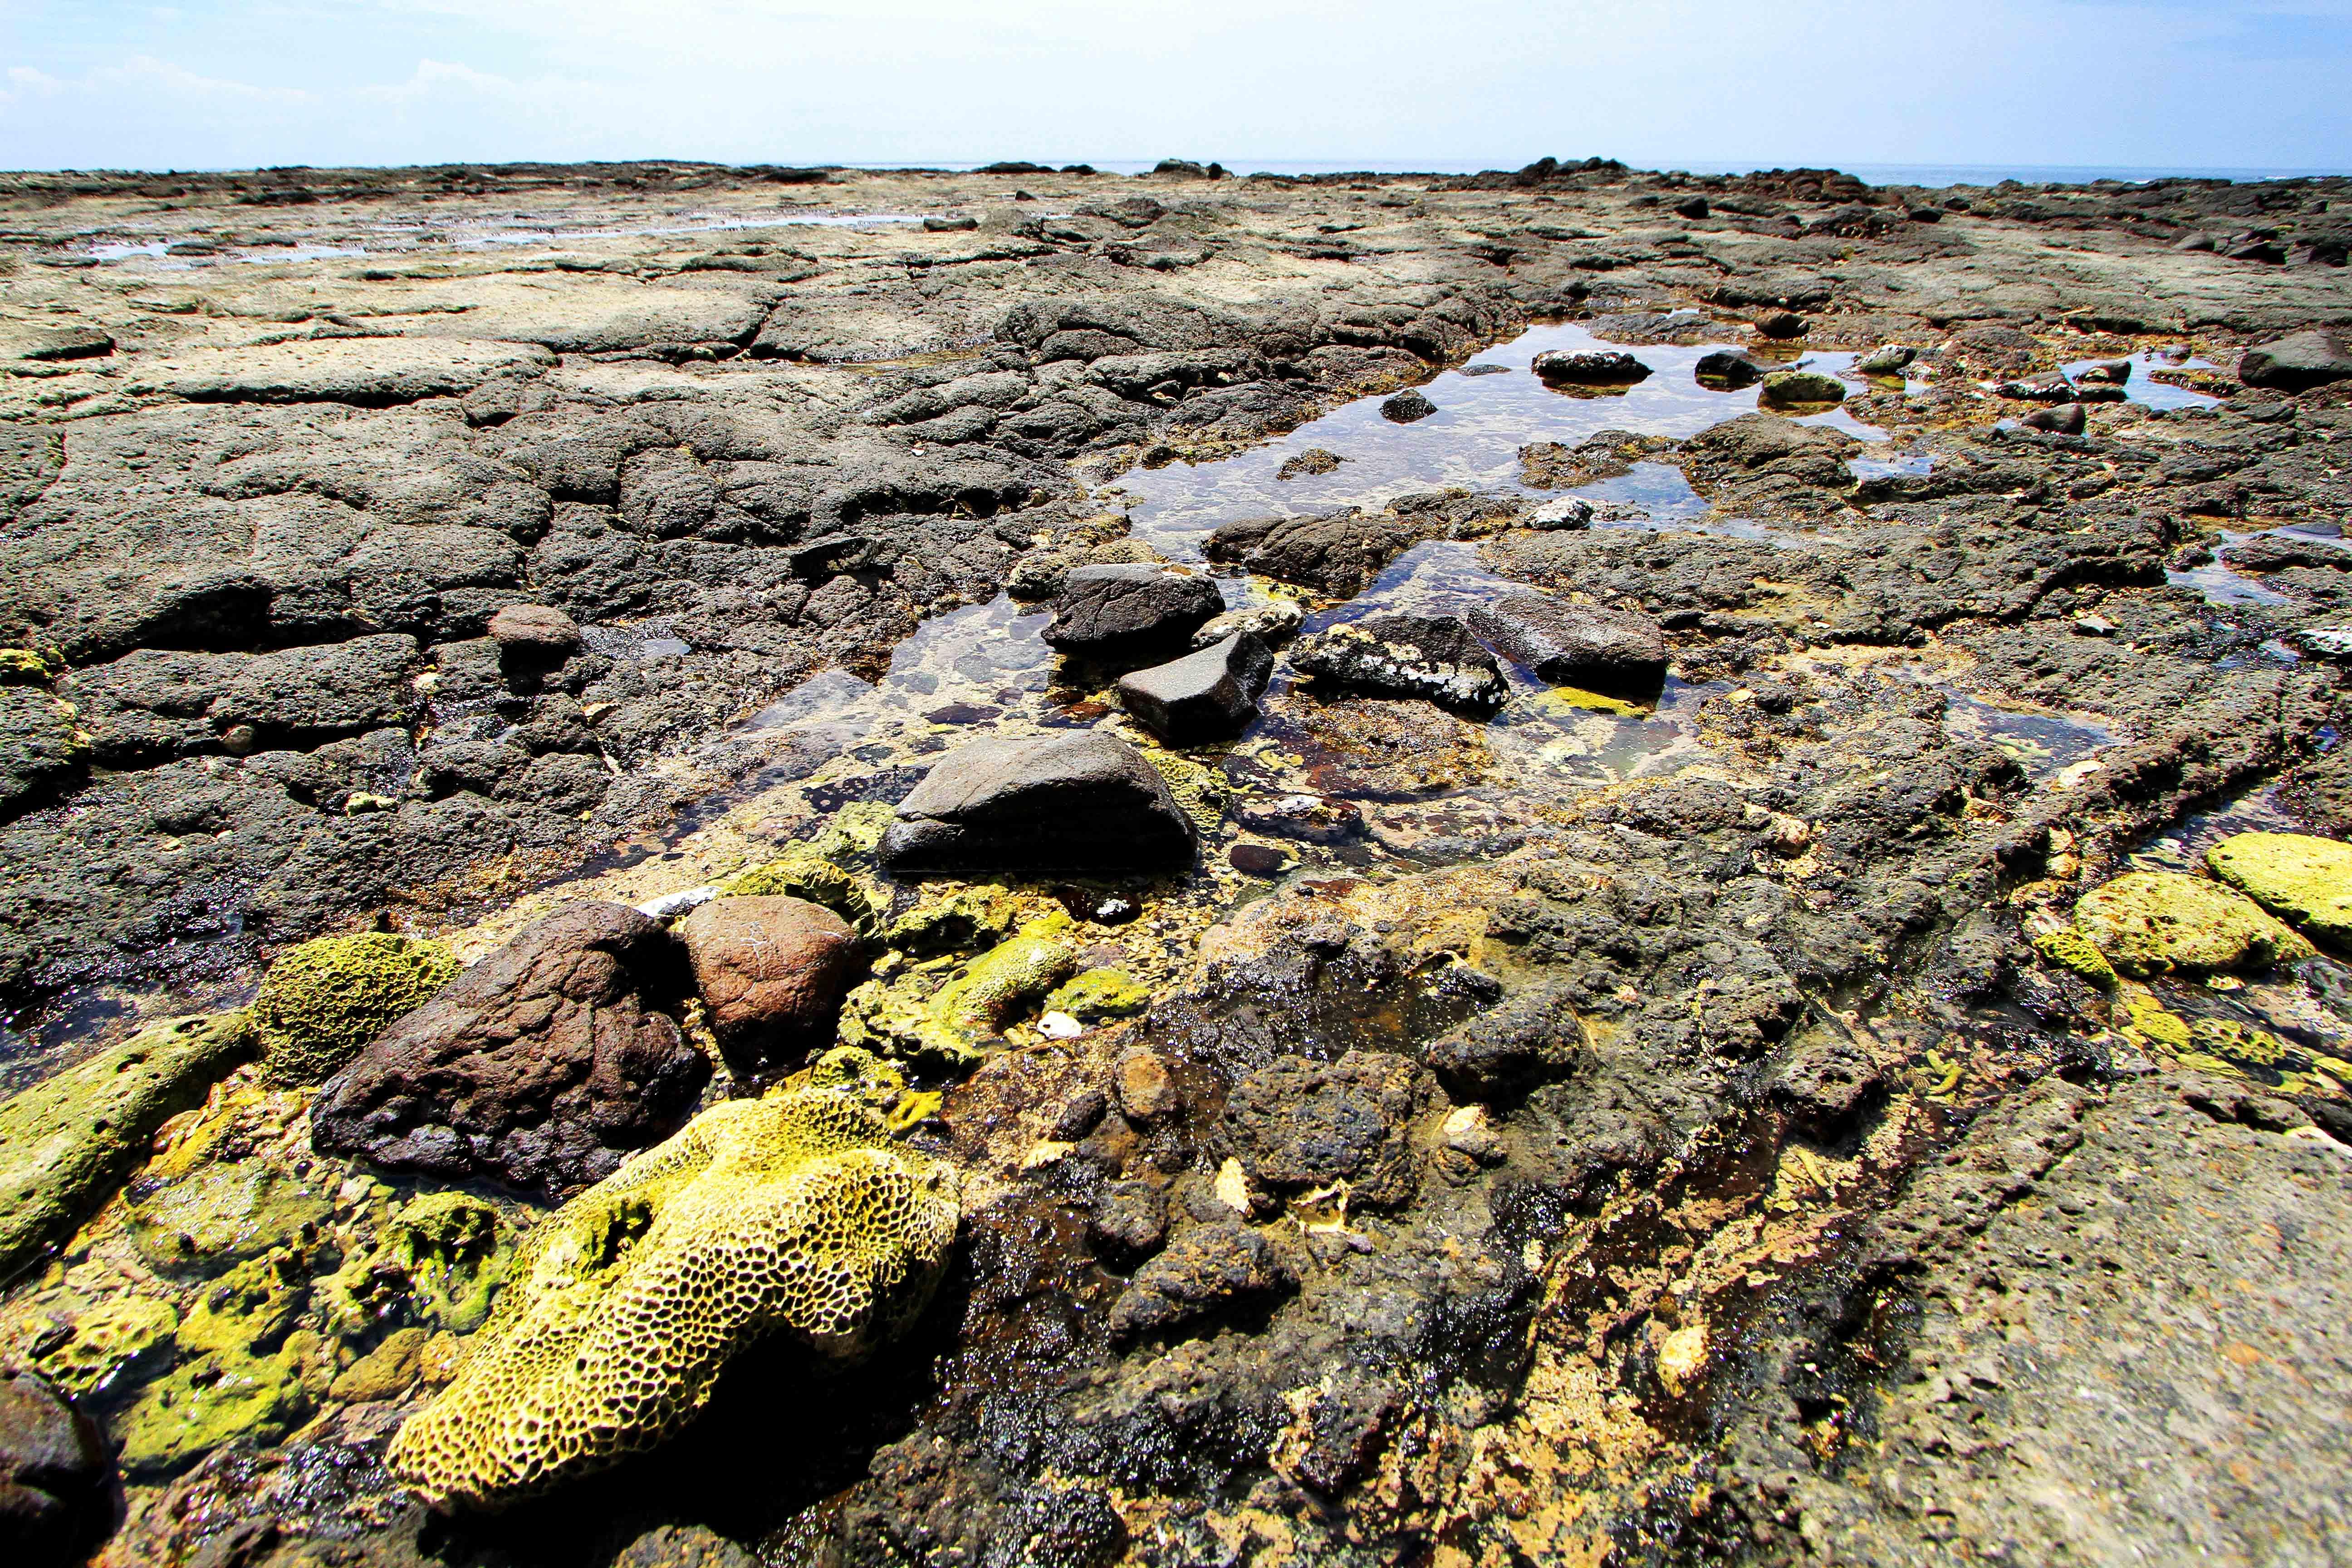 學仔尾海蝕平台地質風貌